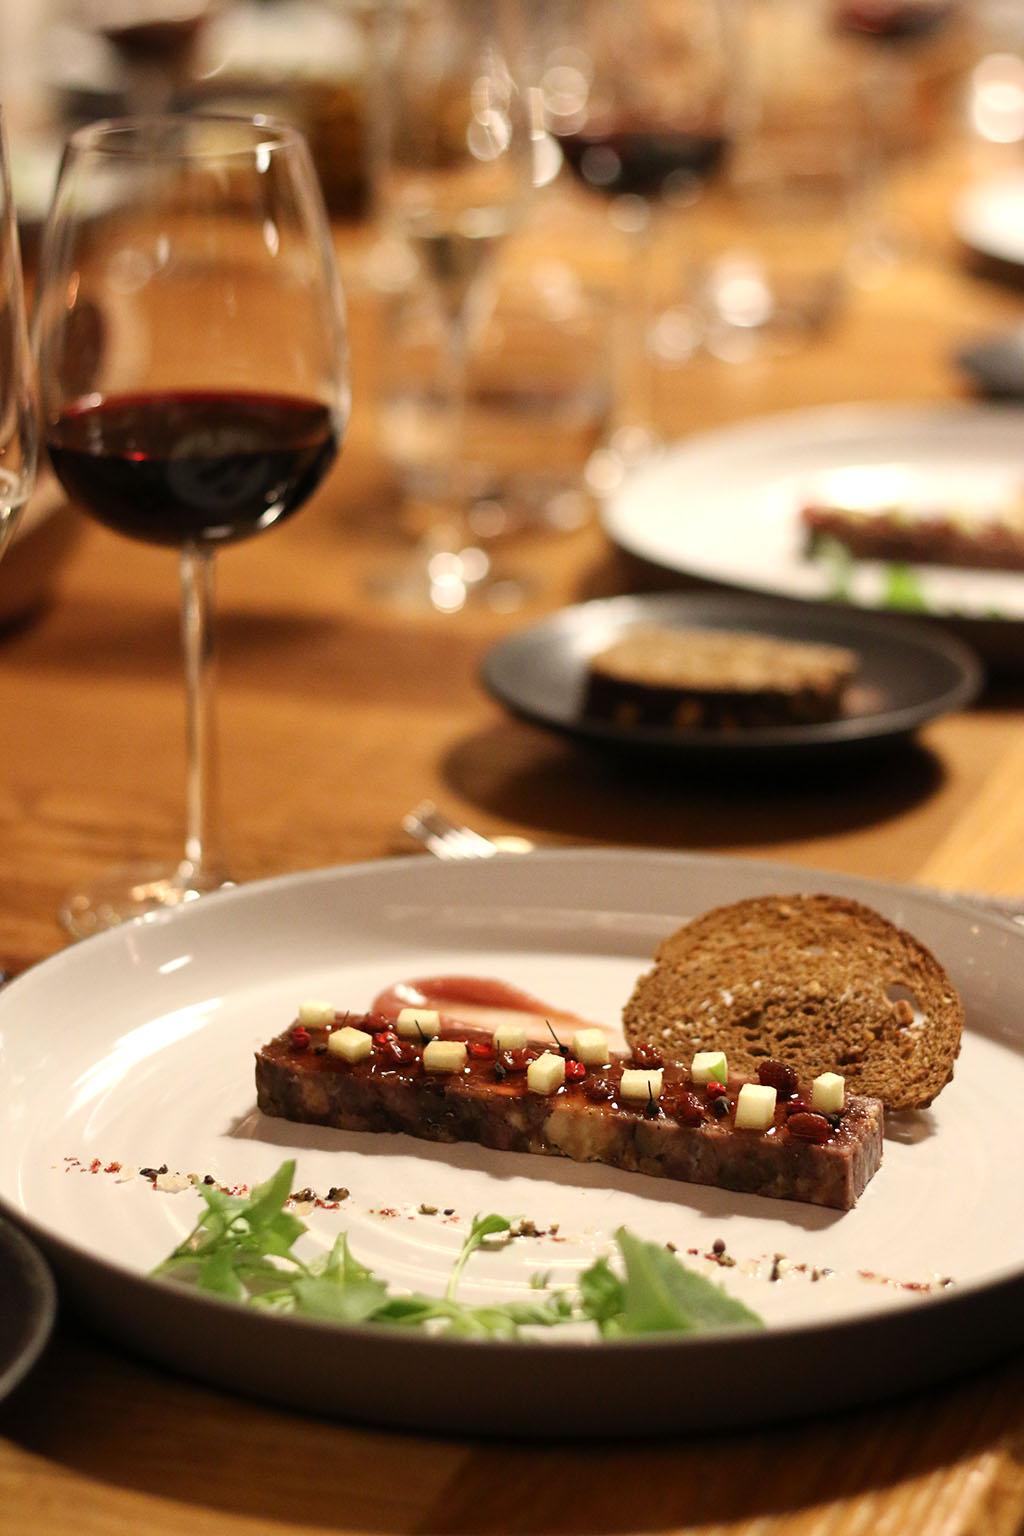 aubrge quintessence restaurant roubion provence alpes cote d'azur près de nice